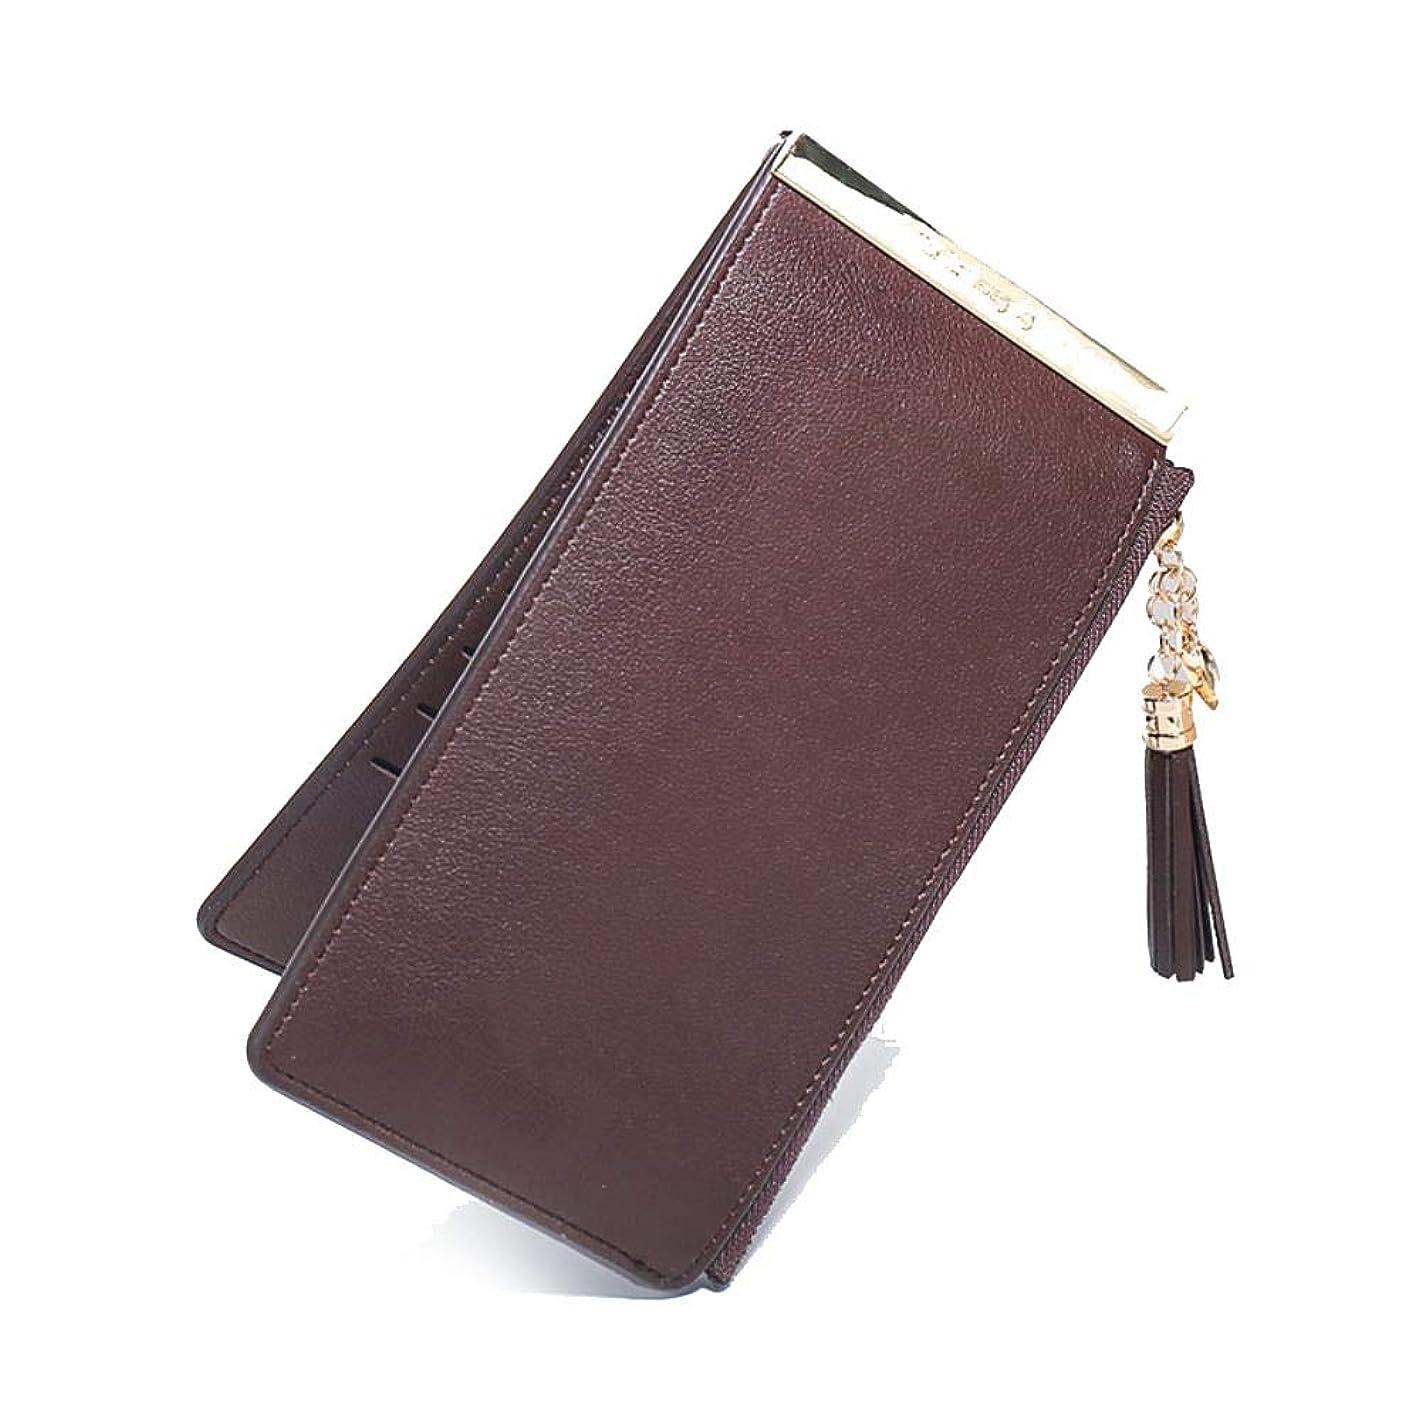 終了する小麦クラウンハンドバッグの女性のカードカード財布カードパッケージ韓国語バージョンのジッパー電話バッグ女の子カジュアルな人格野生財布